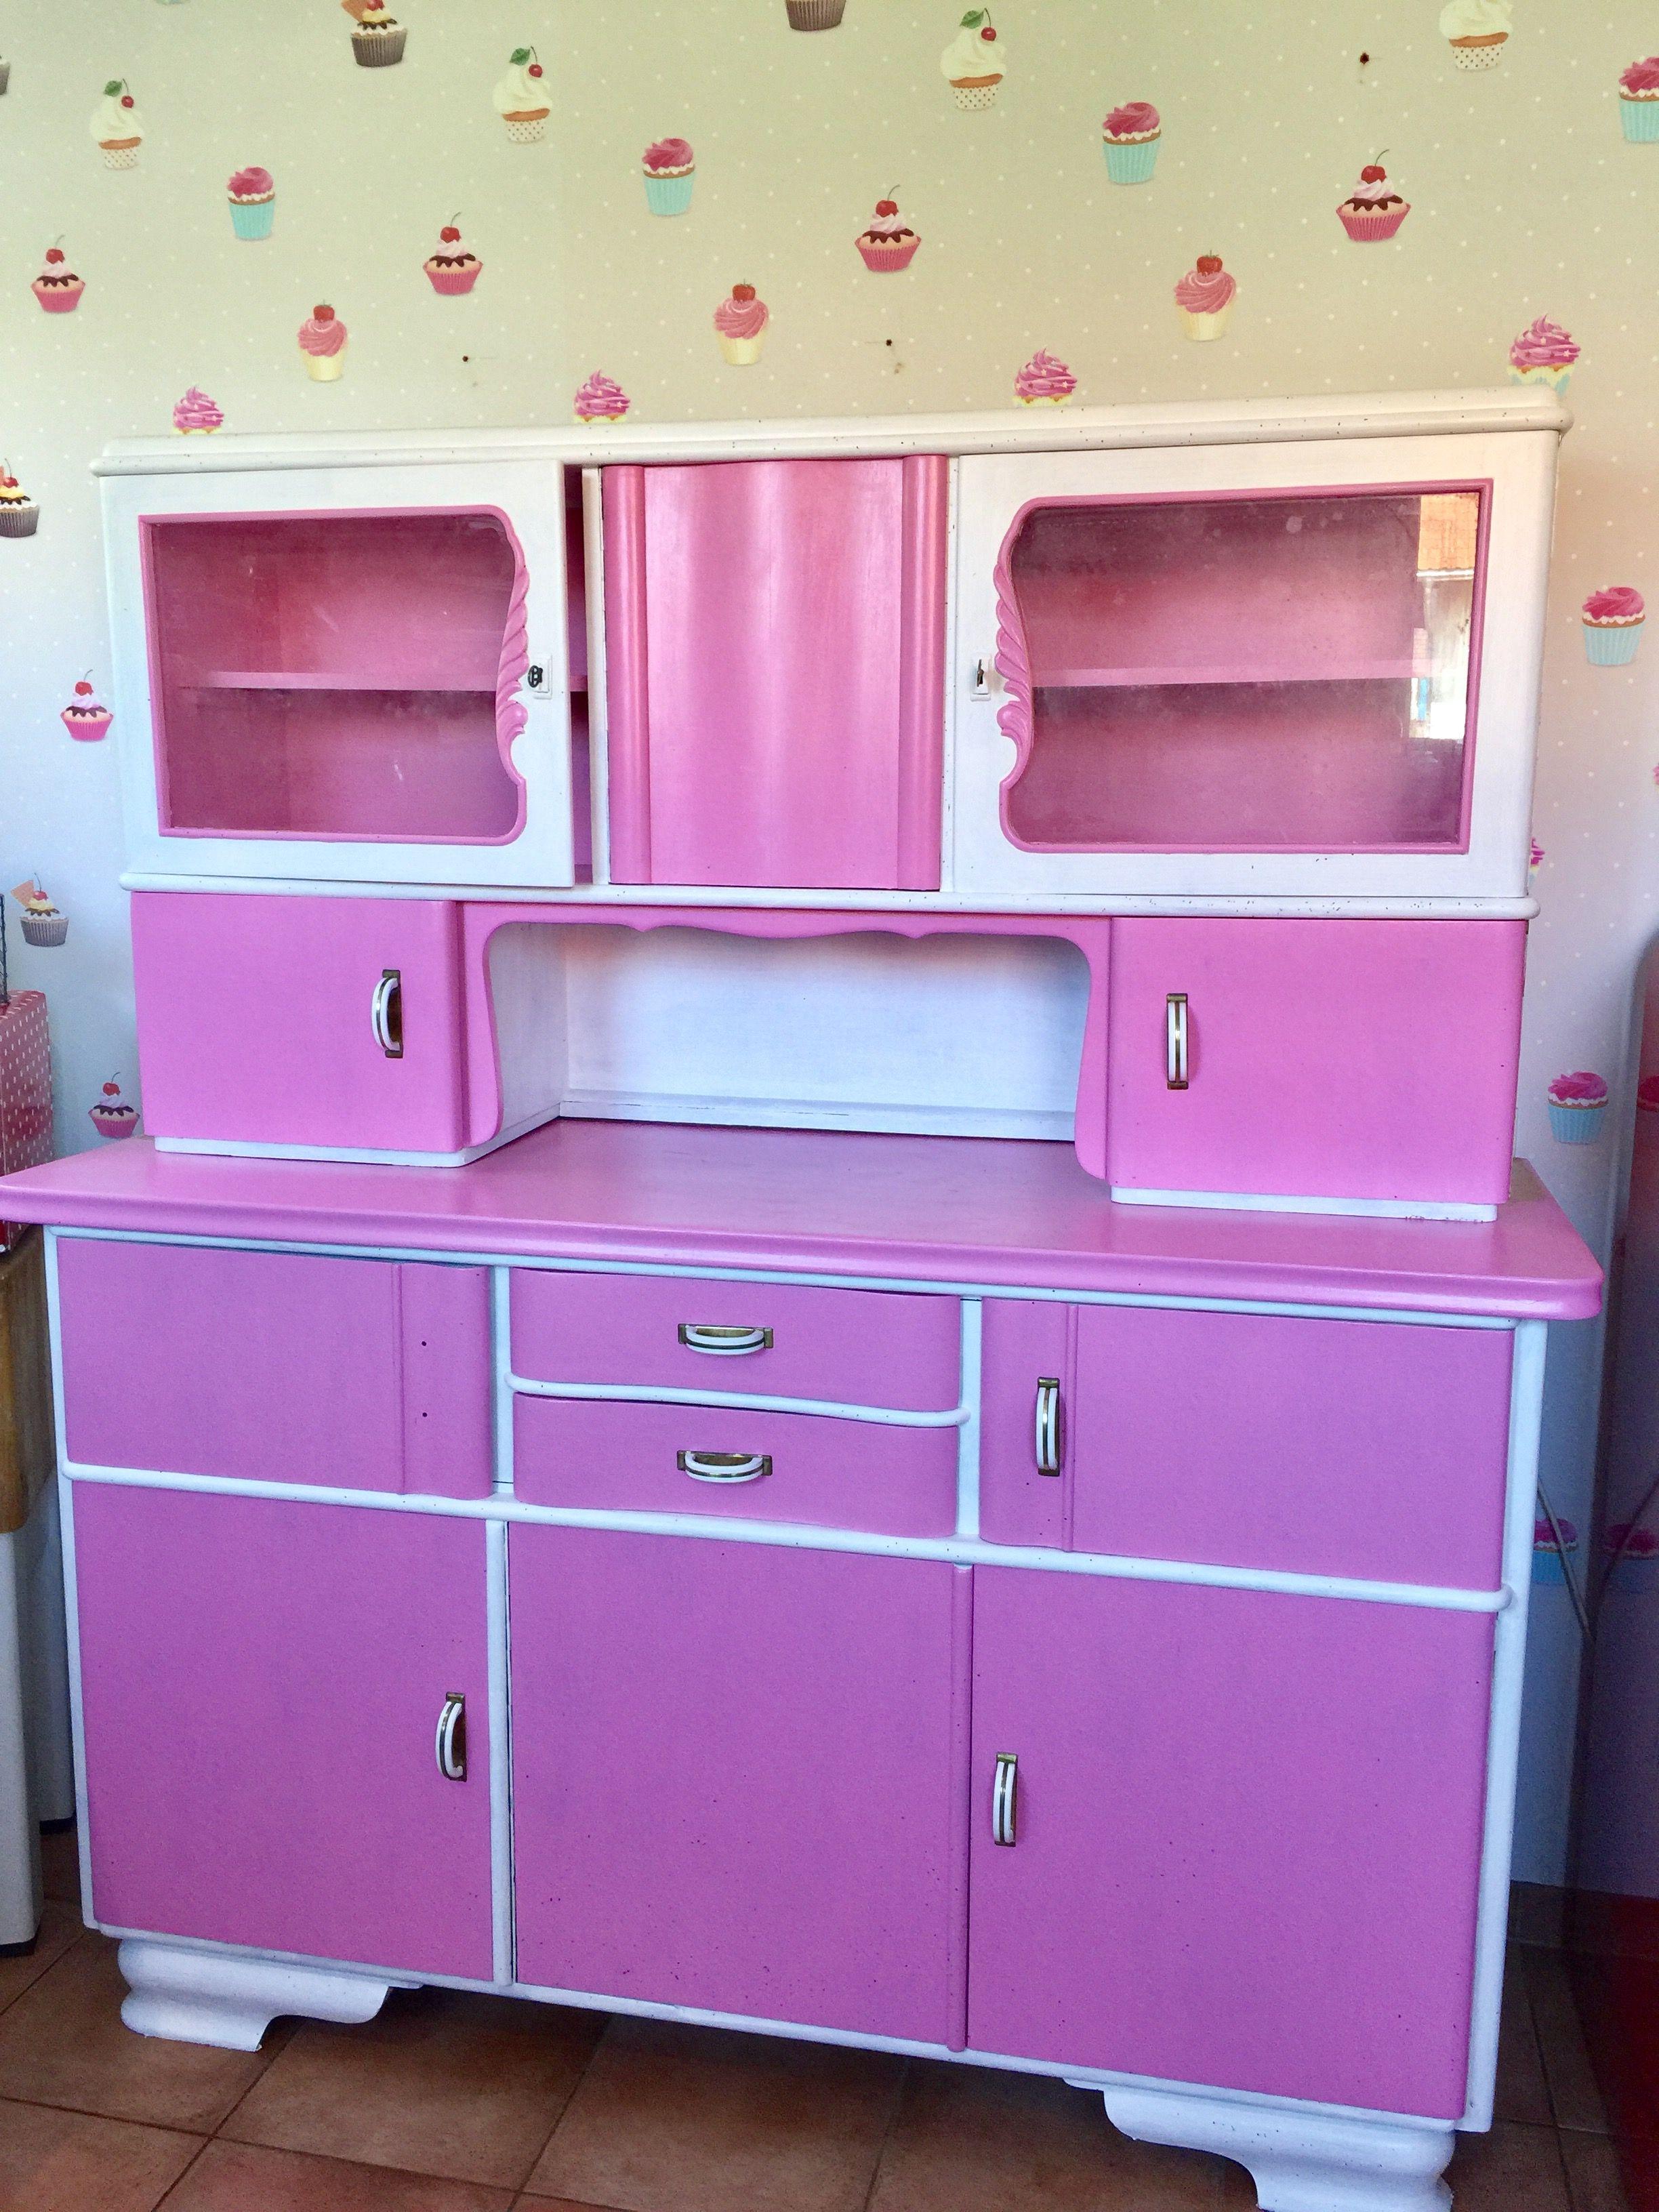 Gemütlich Diy Vintage Küchenschränke Ideen - Küchenschrank Ideen ...